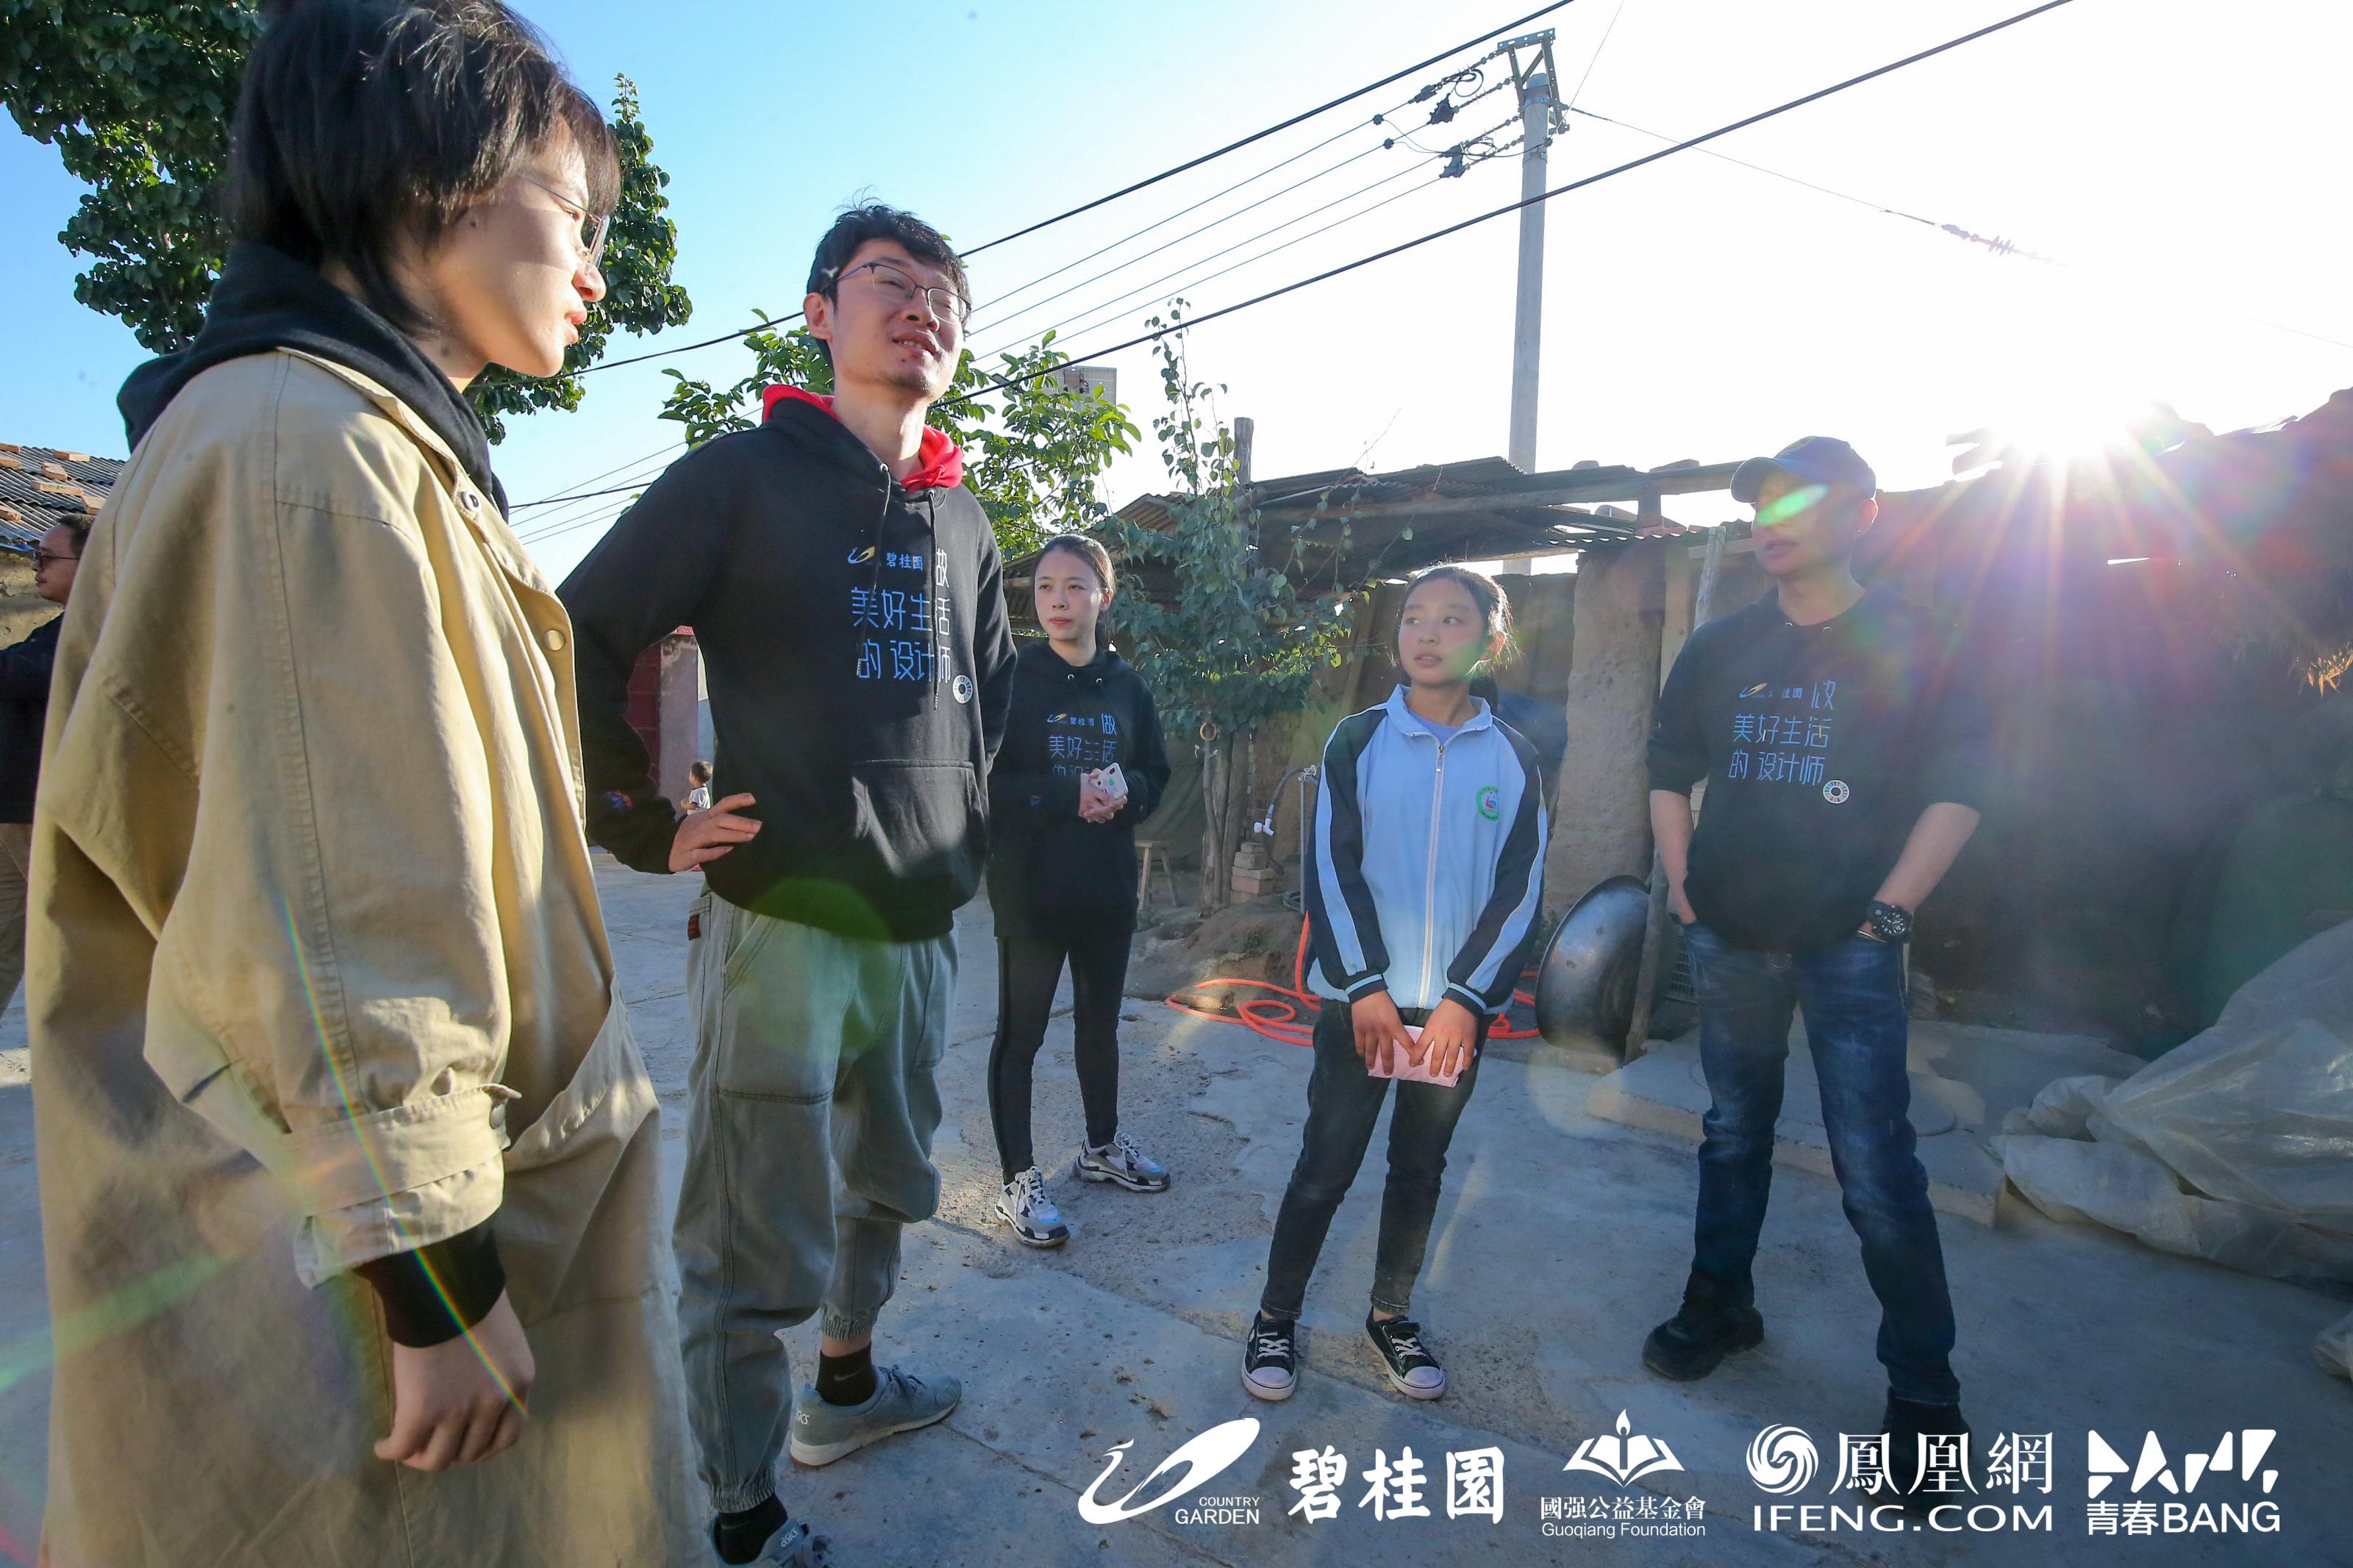 清华大学生态研究所团队到瑞花家实地调研